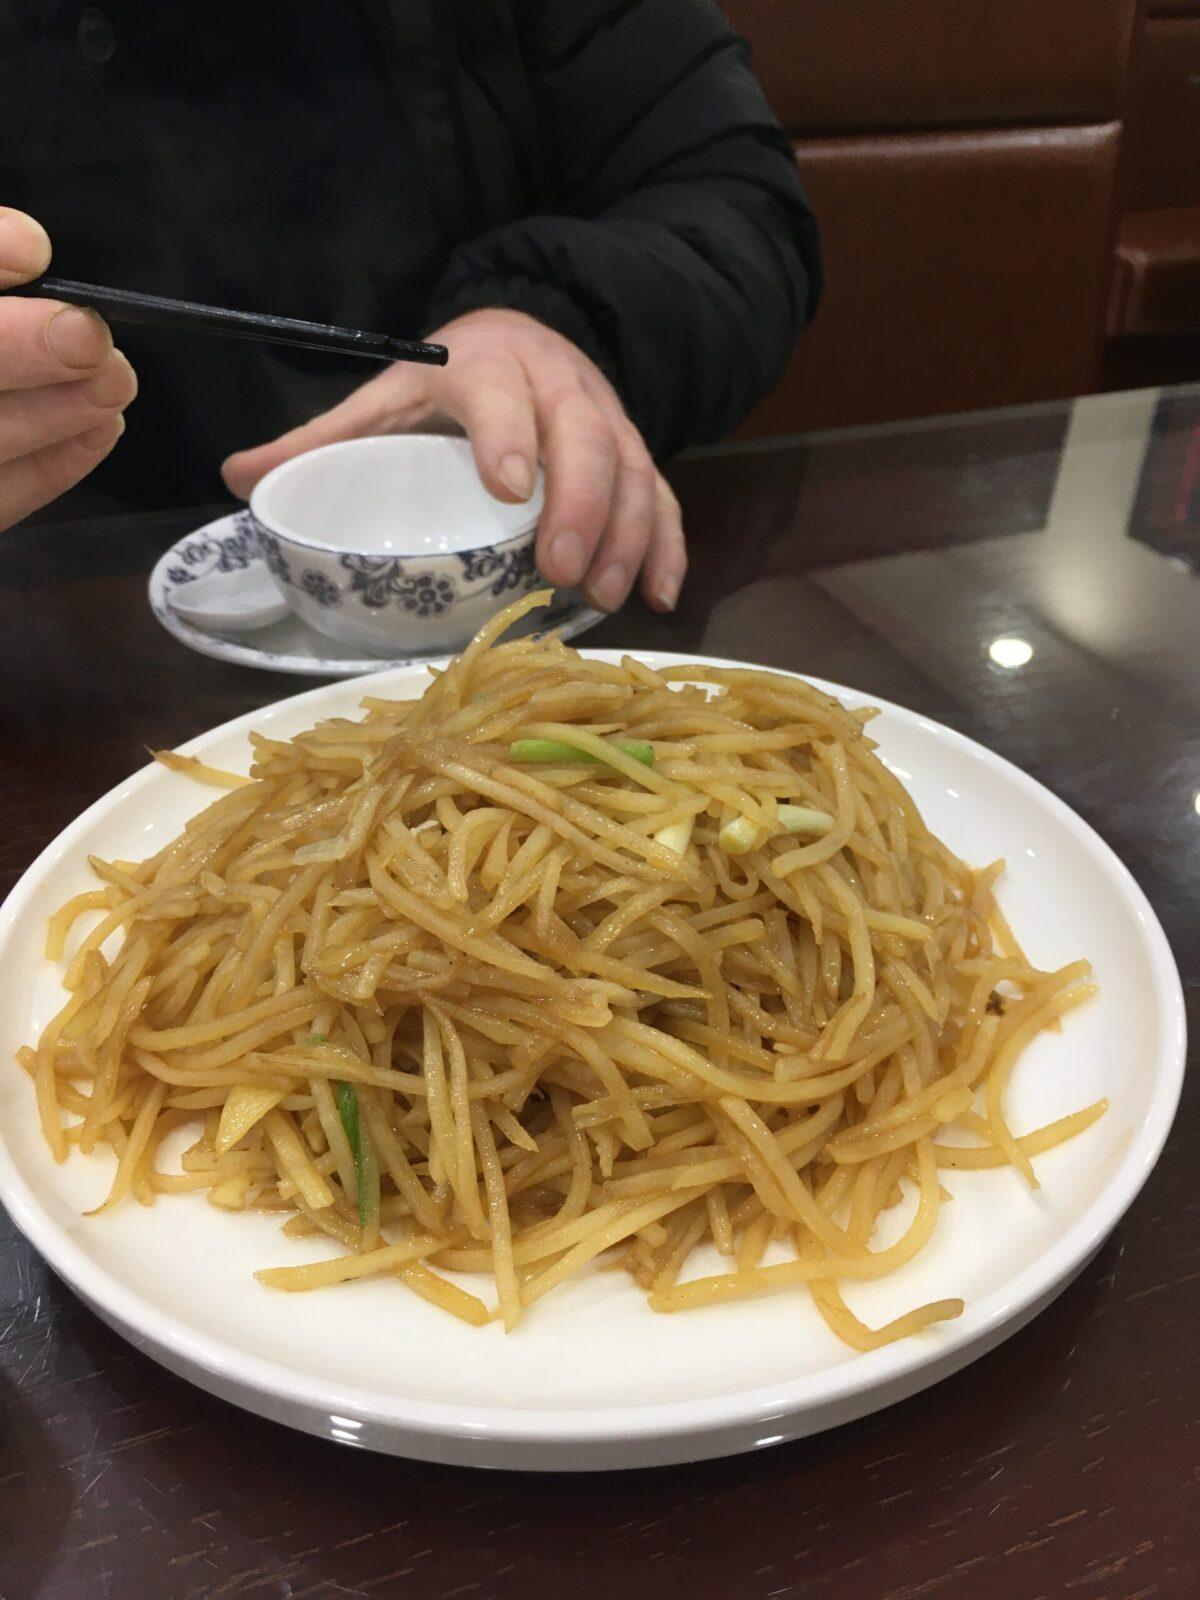 Stri-fried shredded potato.